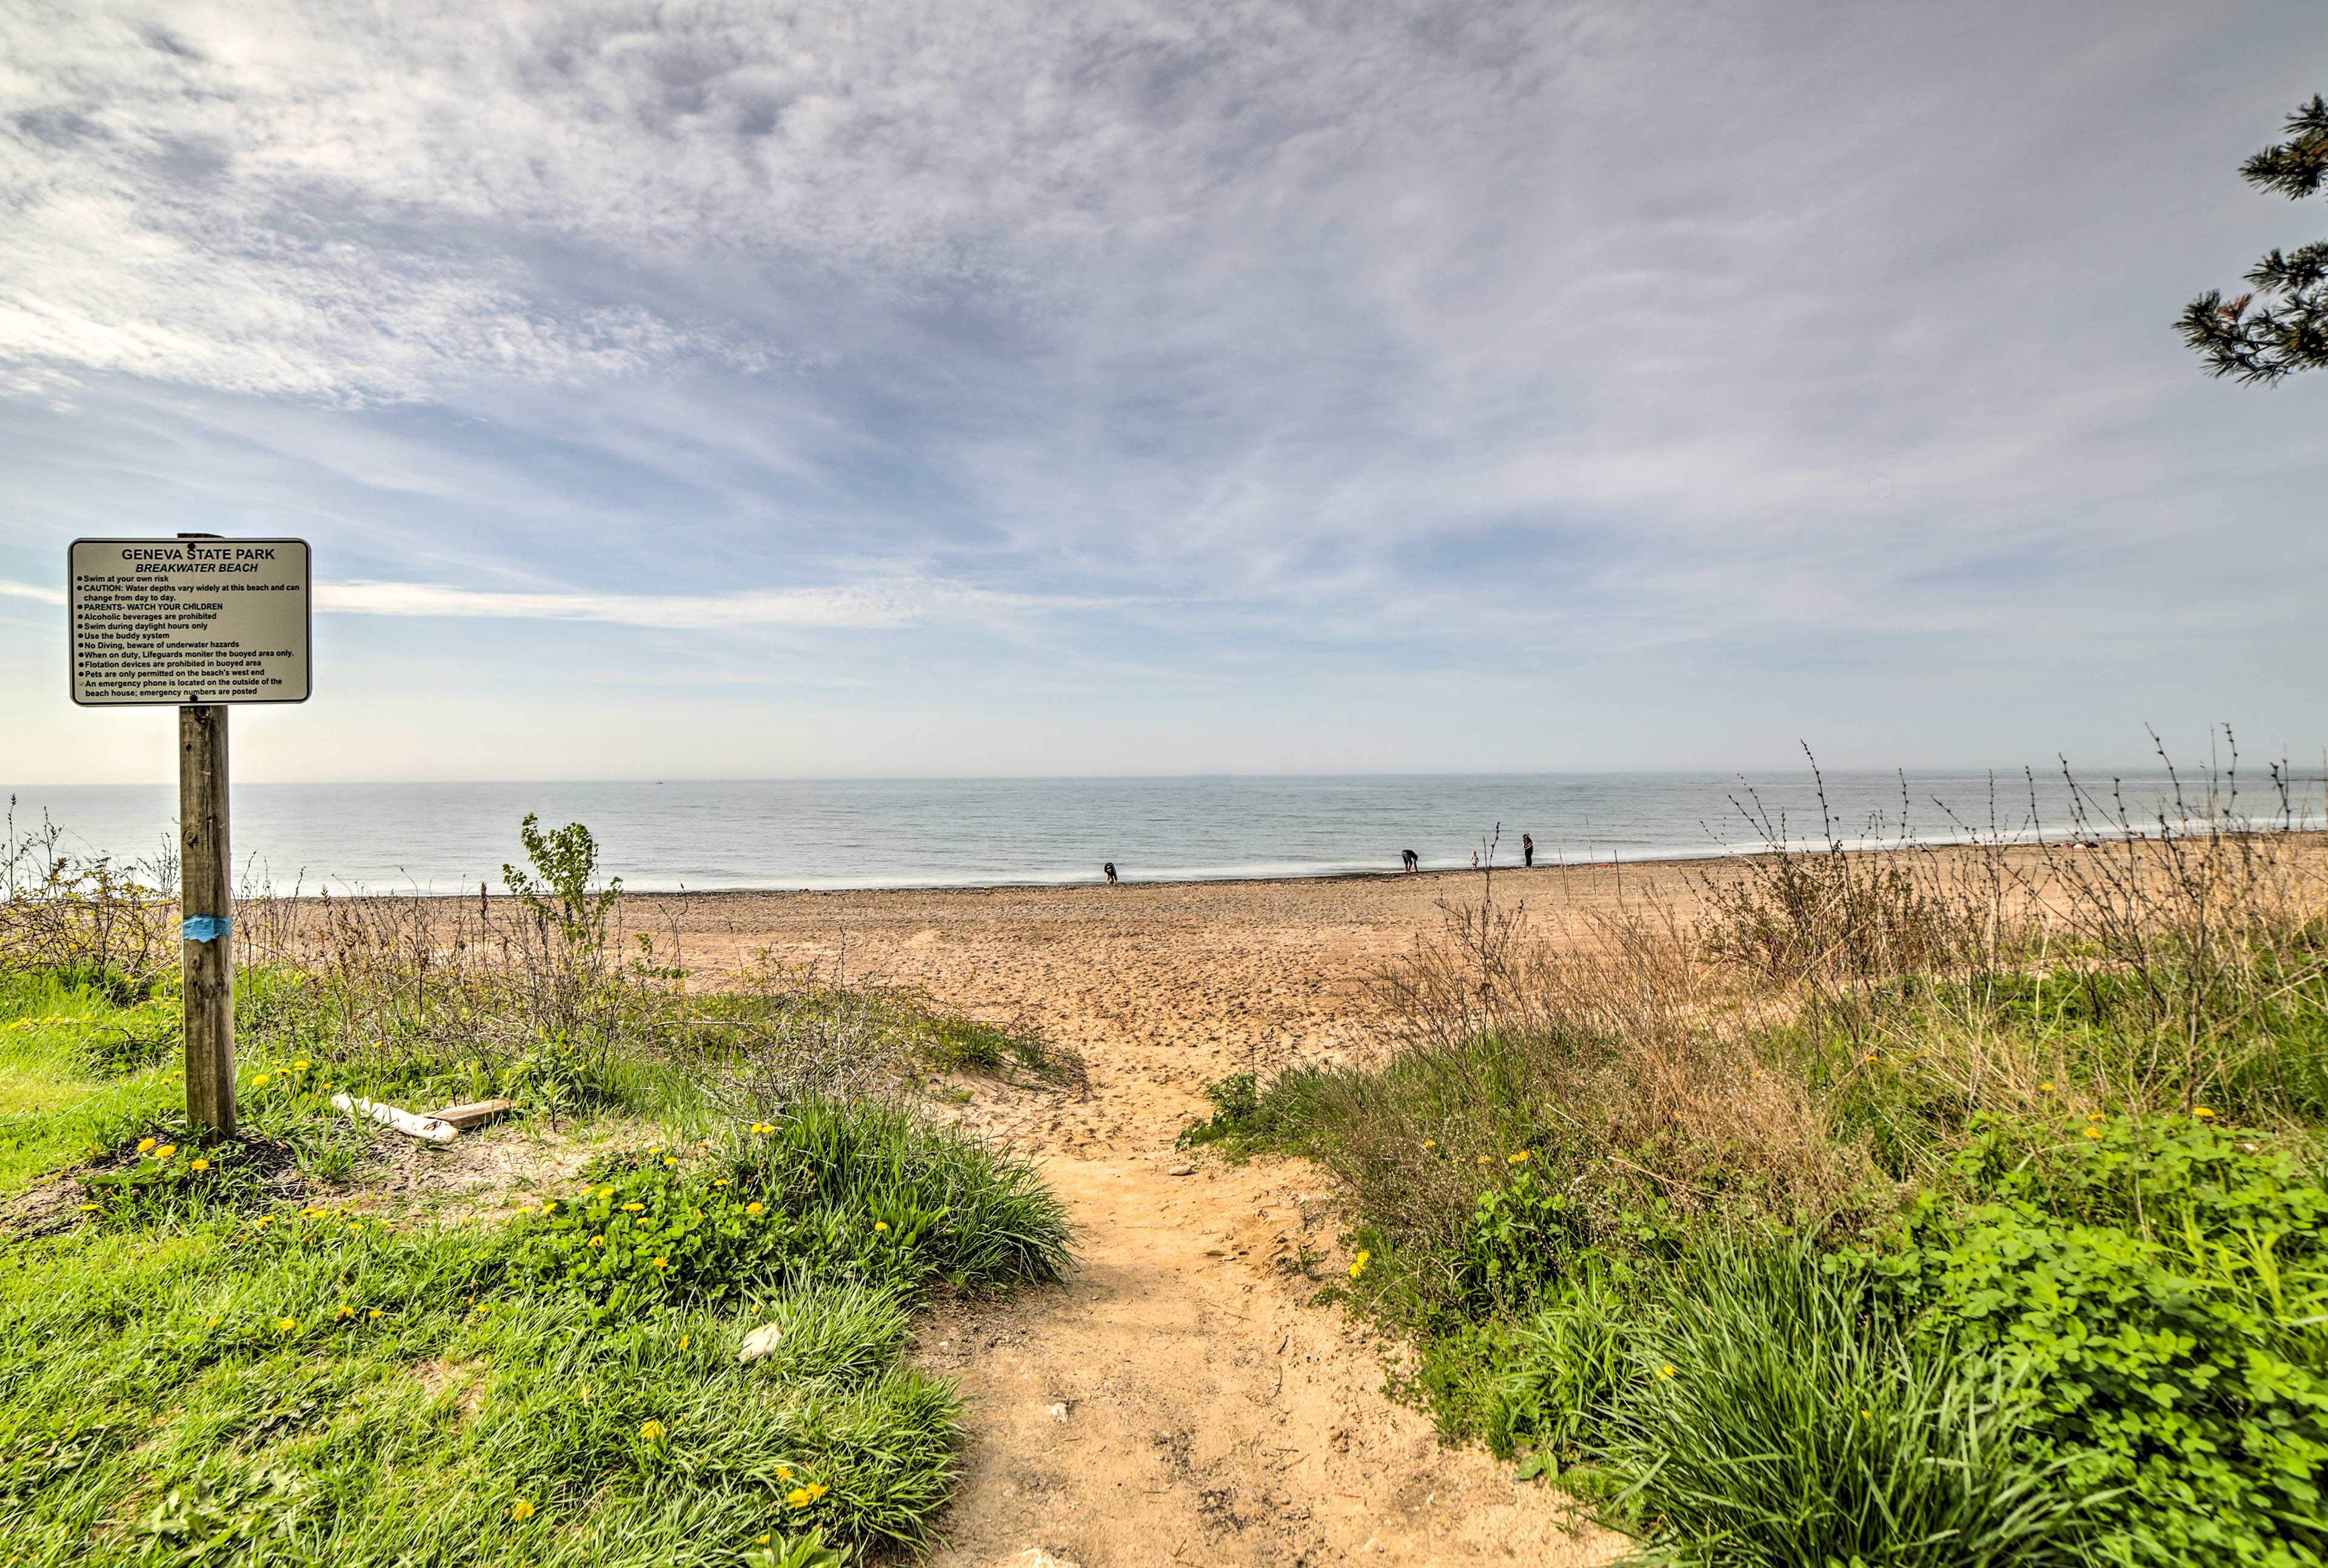 The beach lies just a few miles away.